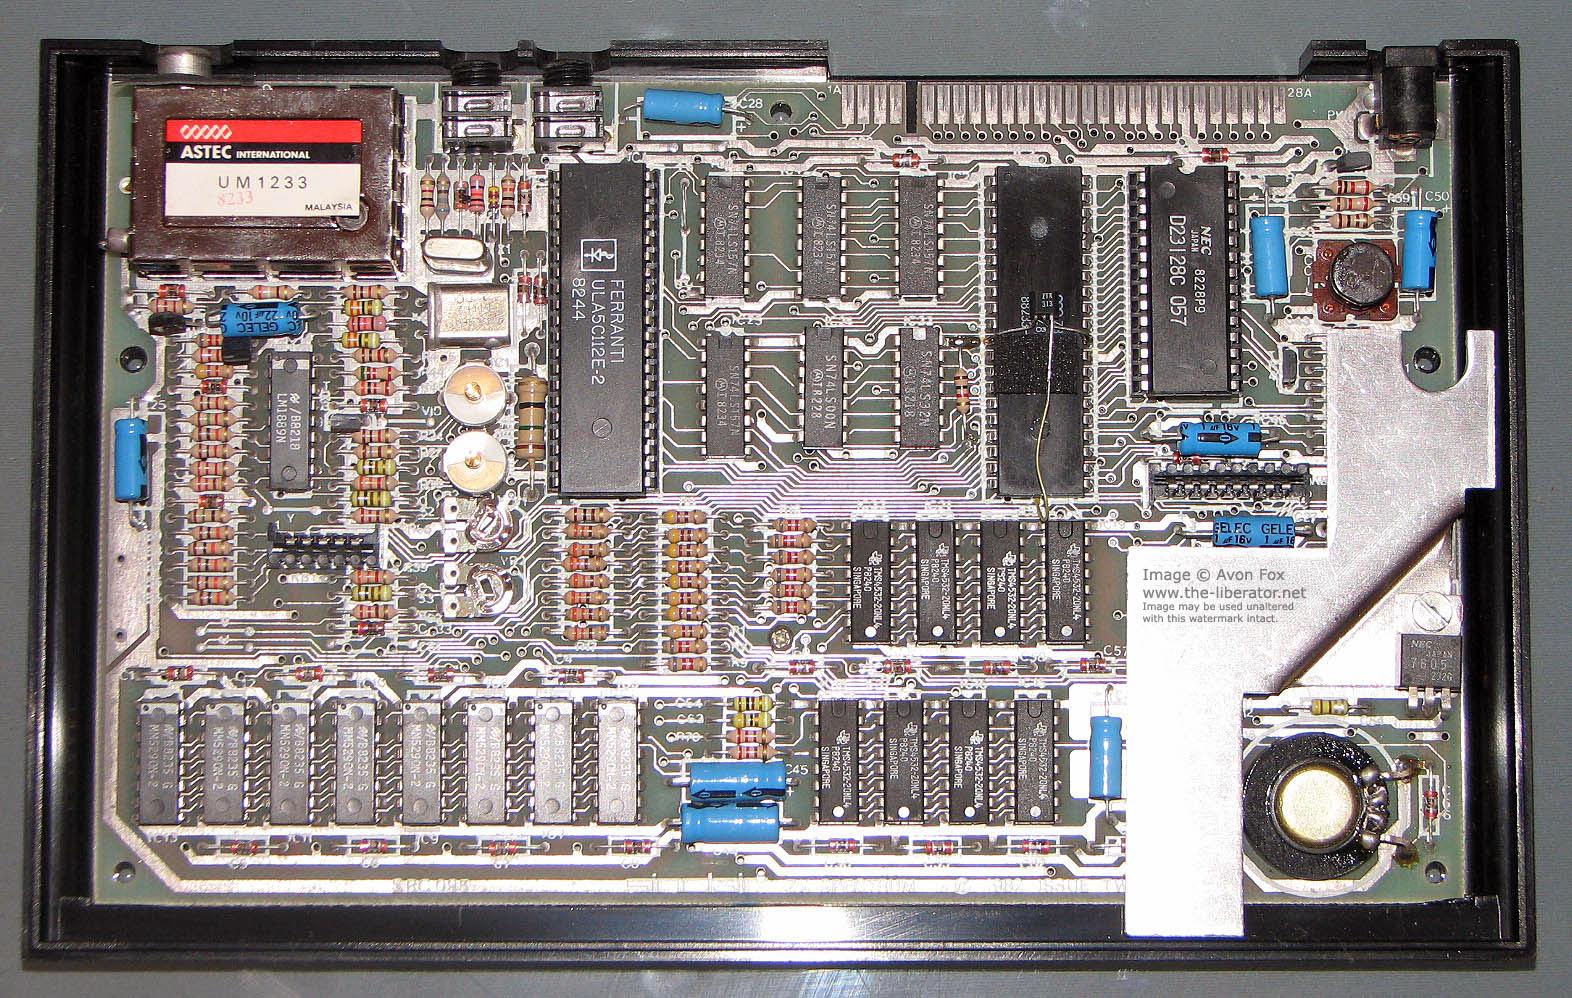 Sound Wiring Schematic Sinclair Zx Spectrum Issue 2 Computer